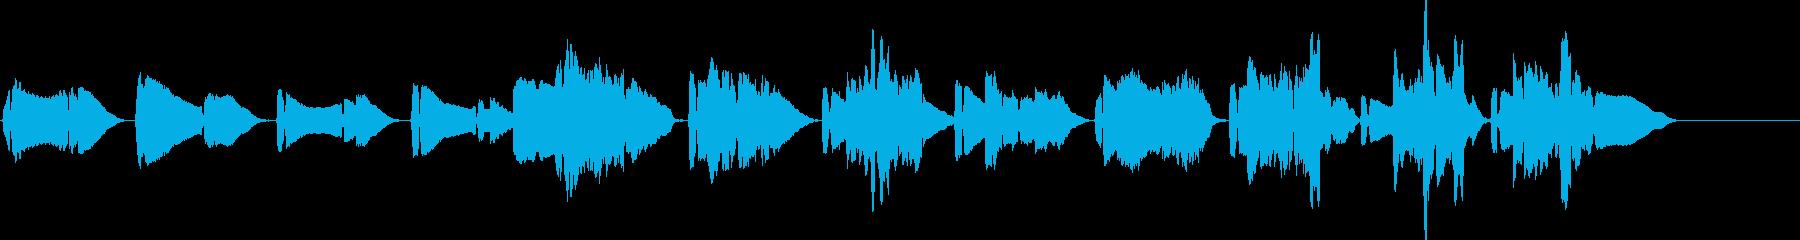 甘美なメロディーのサックスとピアにかの曲の再生済みの波形